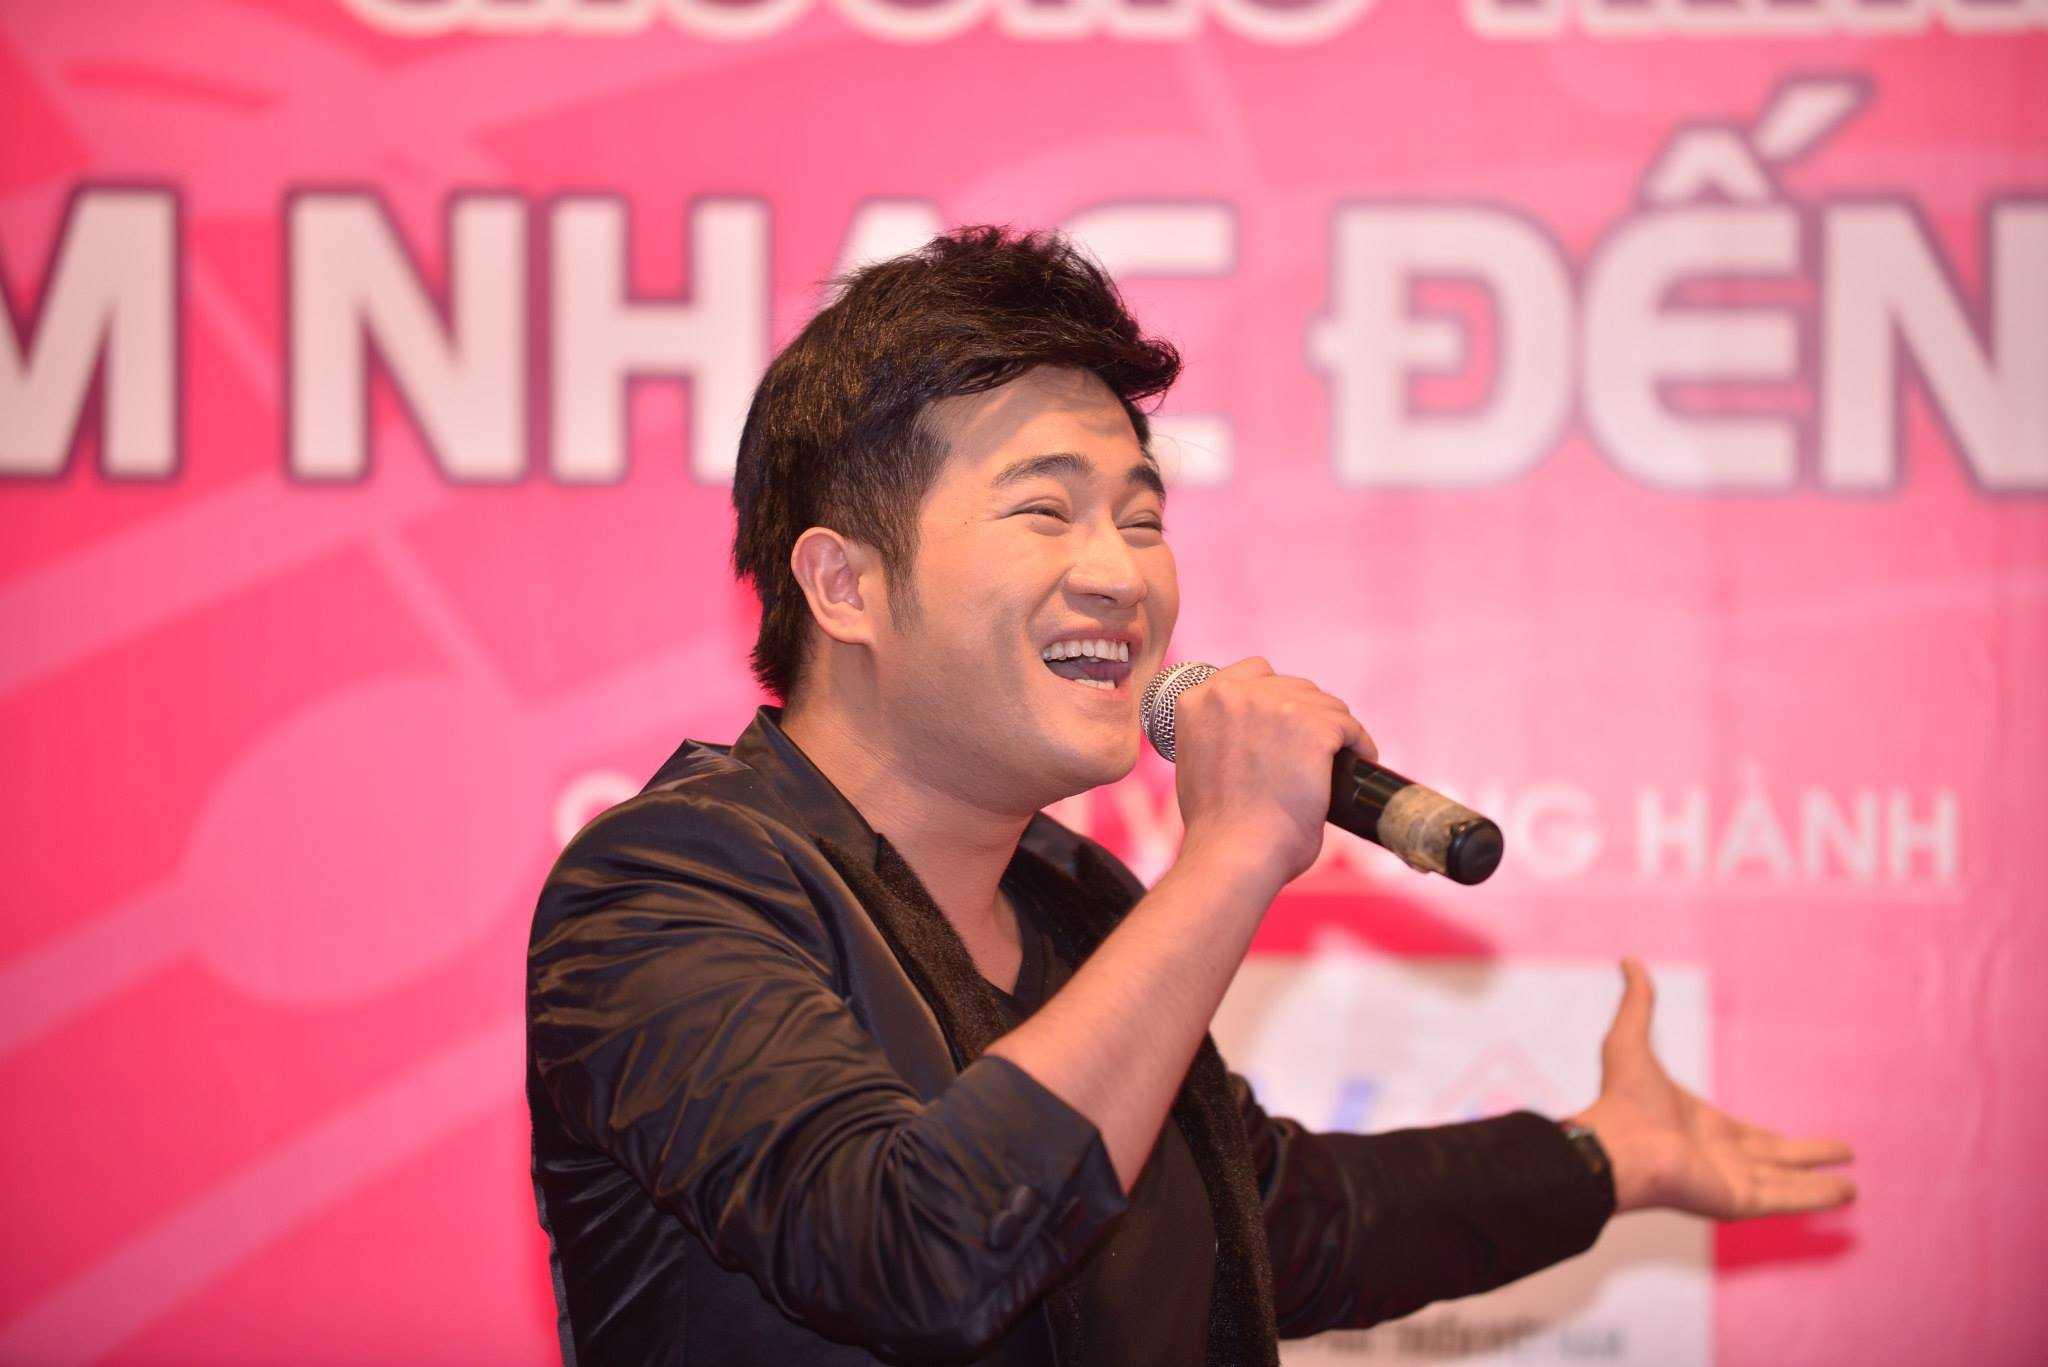 Trong năm qua, cái tên Minh Quân gắn liền với những dự án âm nhạc cộng đồng, xã hội ý nghĩa.